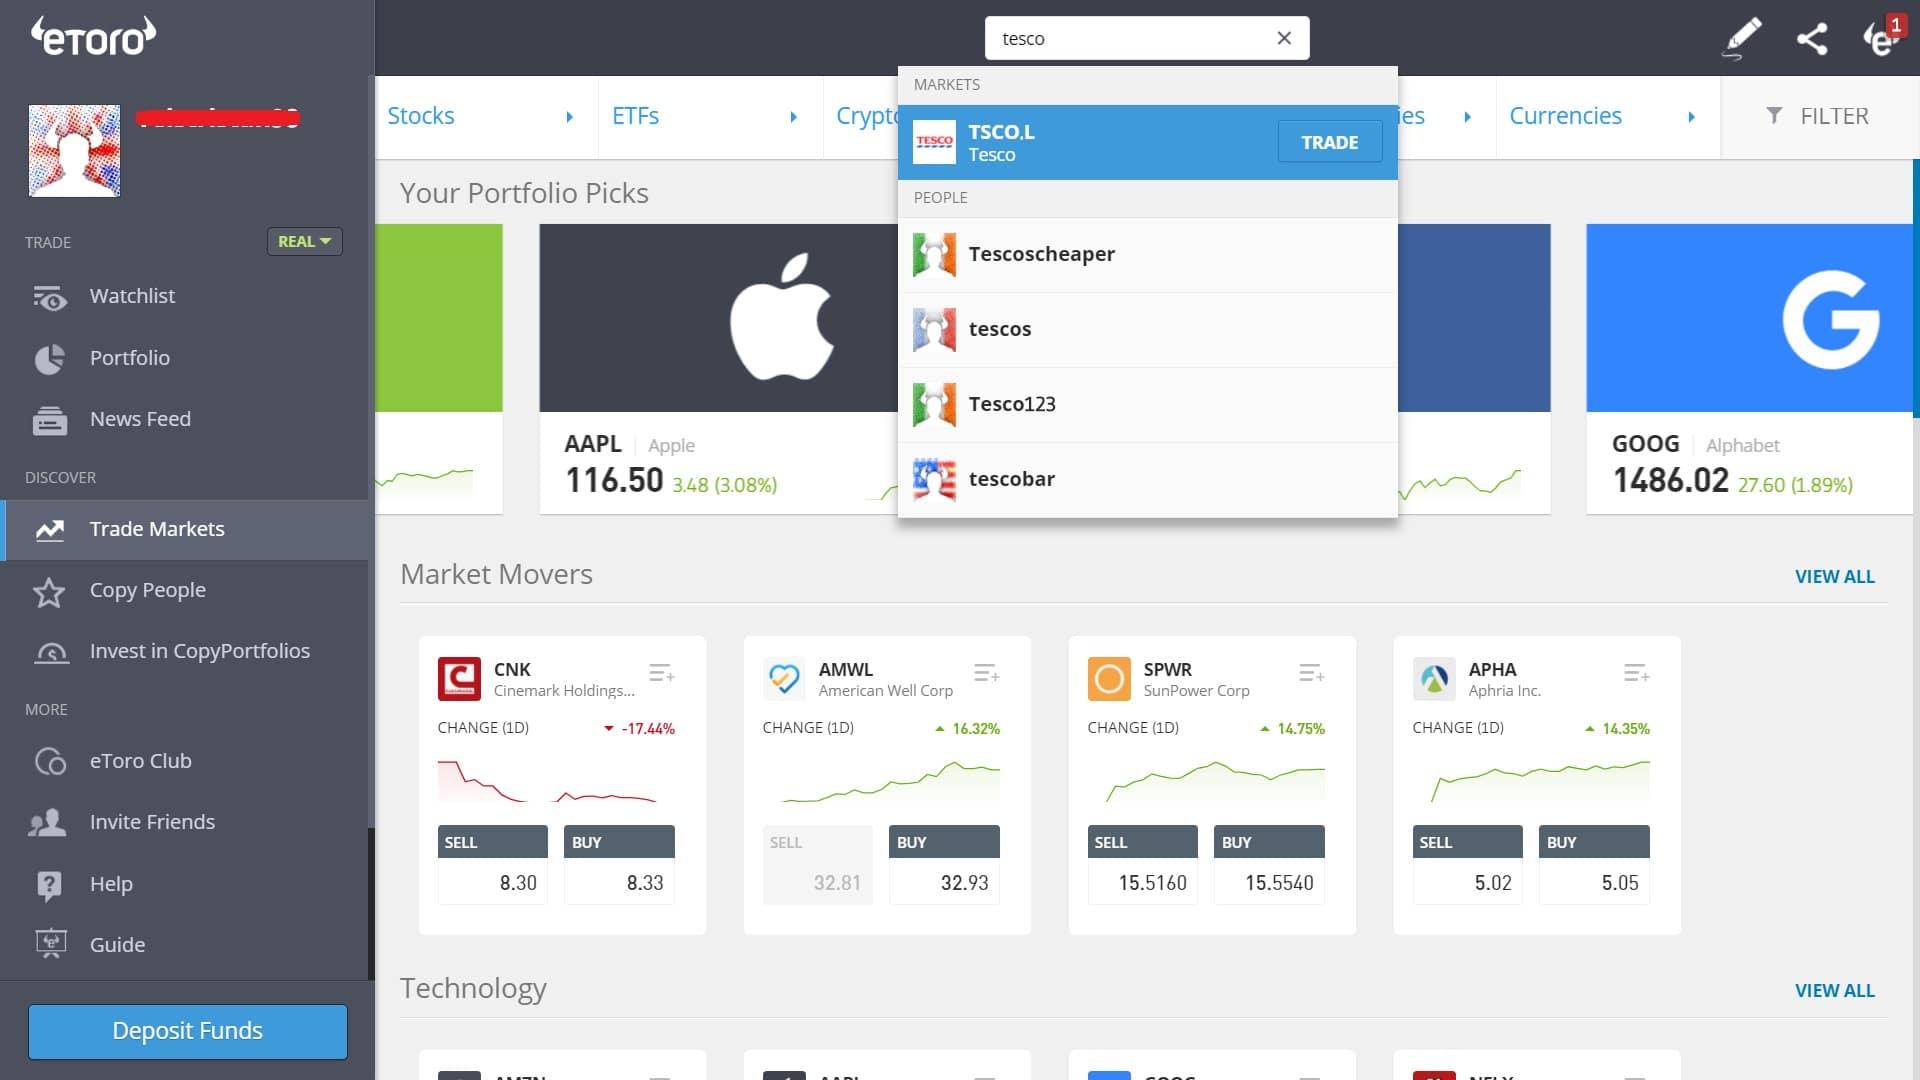 Searching for Tesco stock on eToro's platform